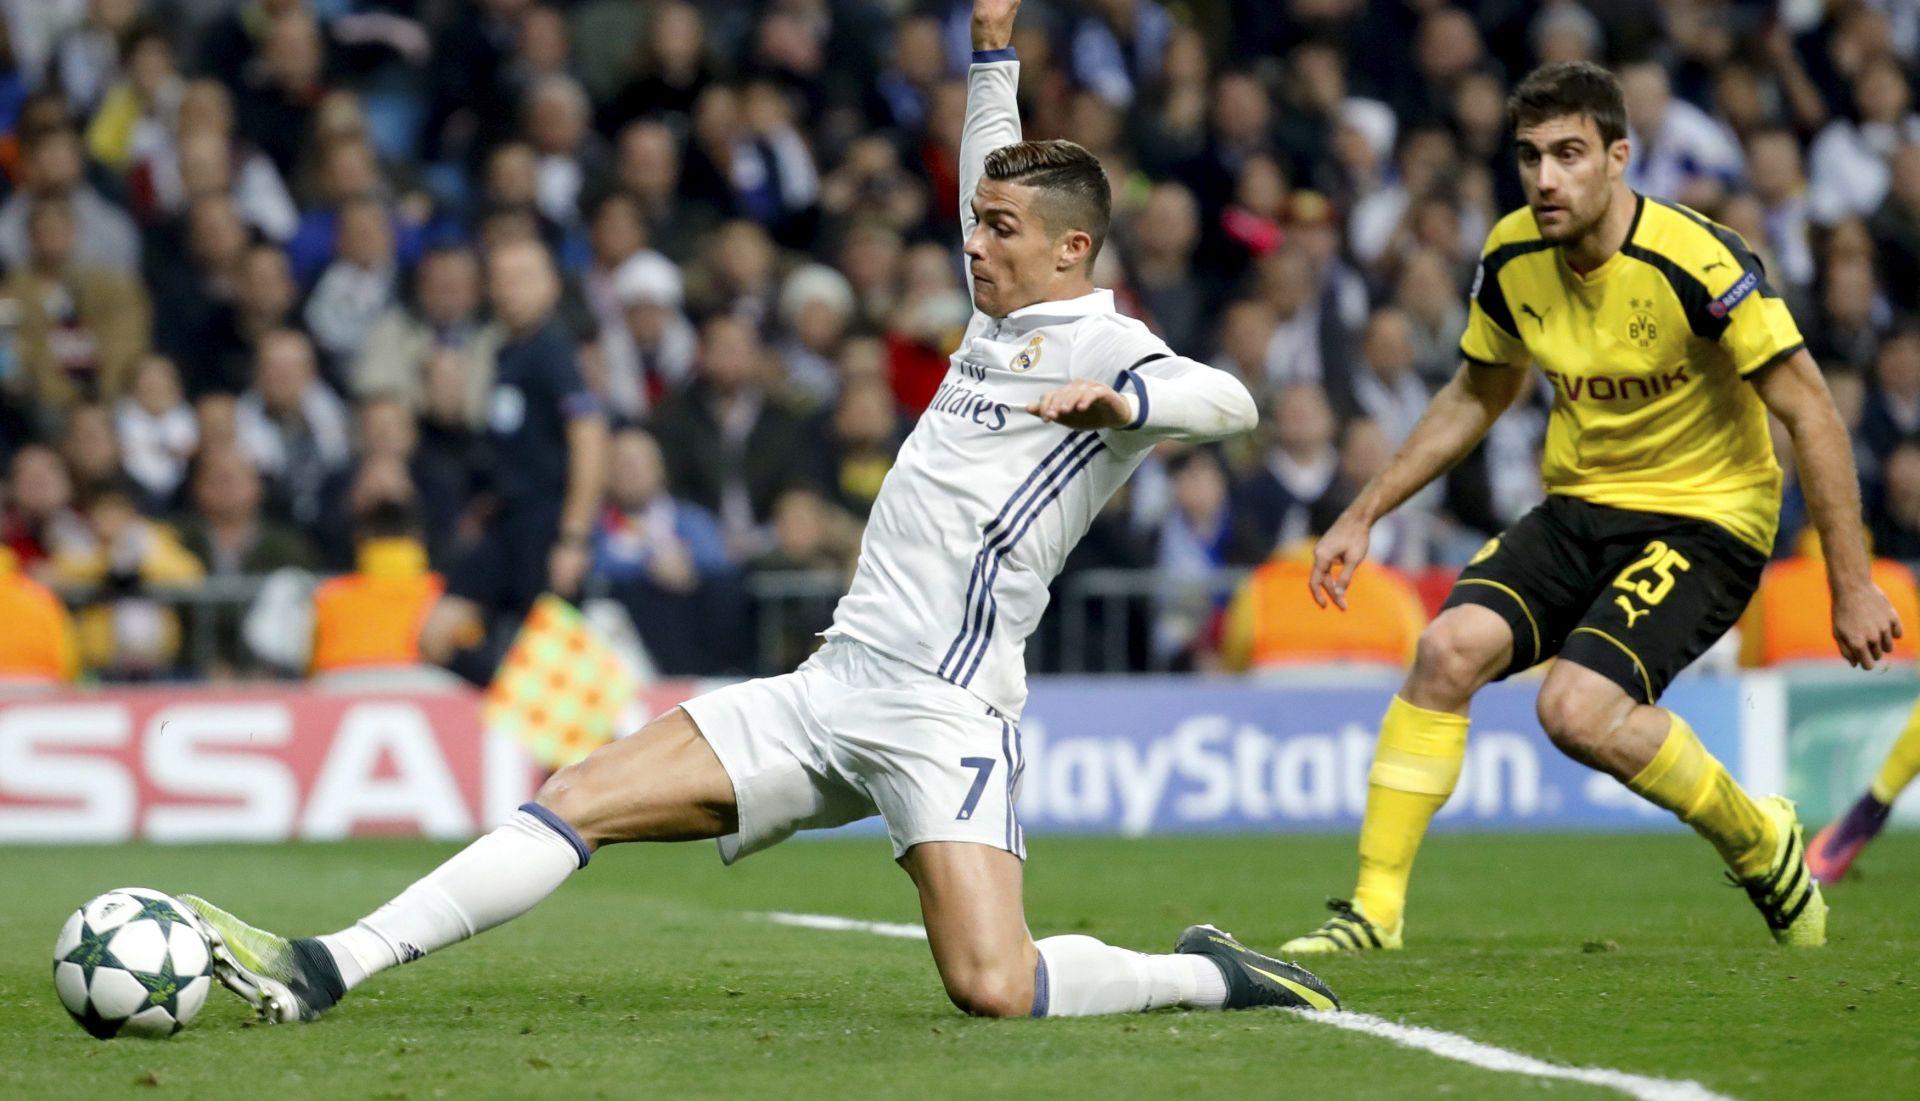 LIGA PRVAKA Poznati svi sudionici nokaut faze, remi Reala i Borussije, 'petica' Porta protiv Leicestera